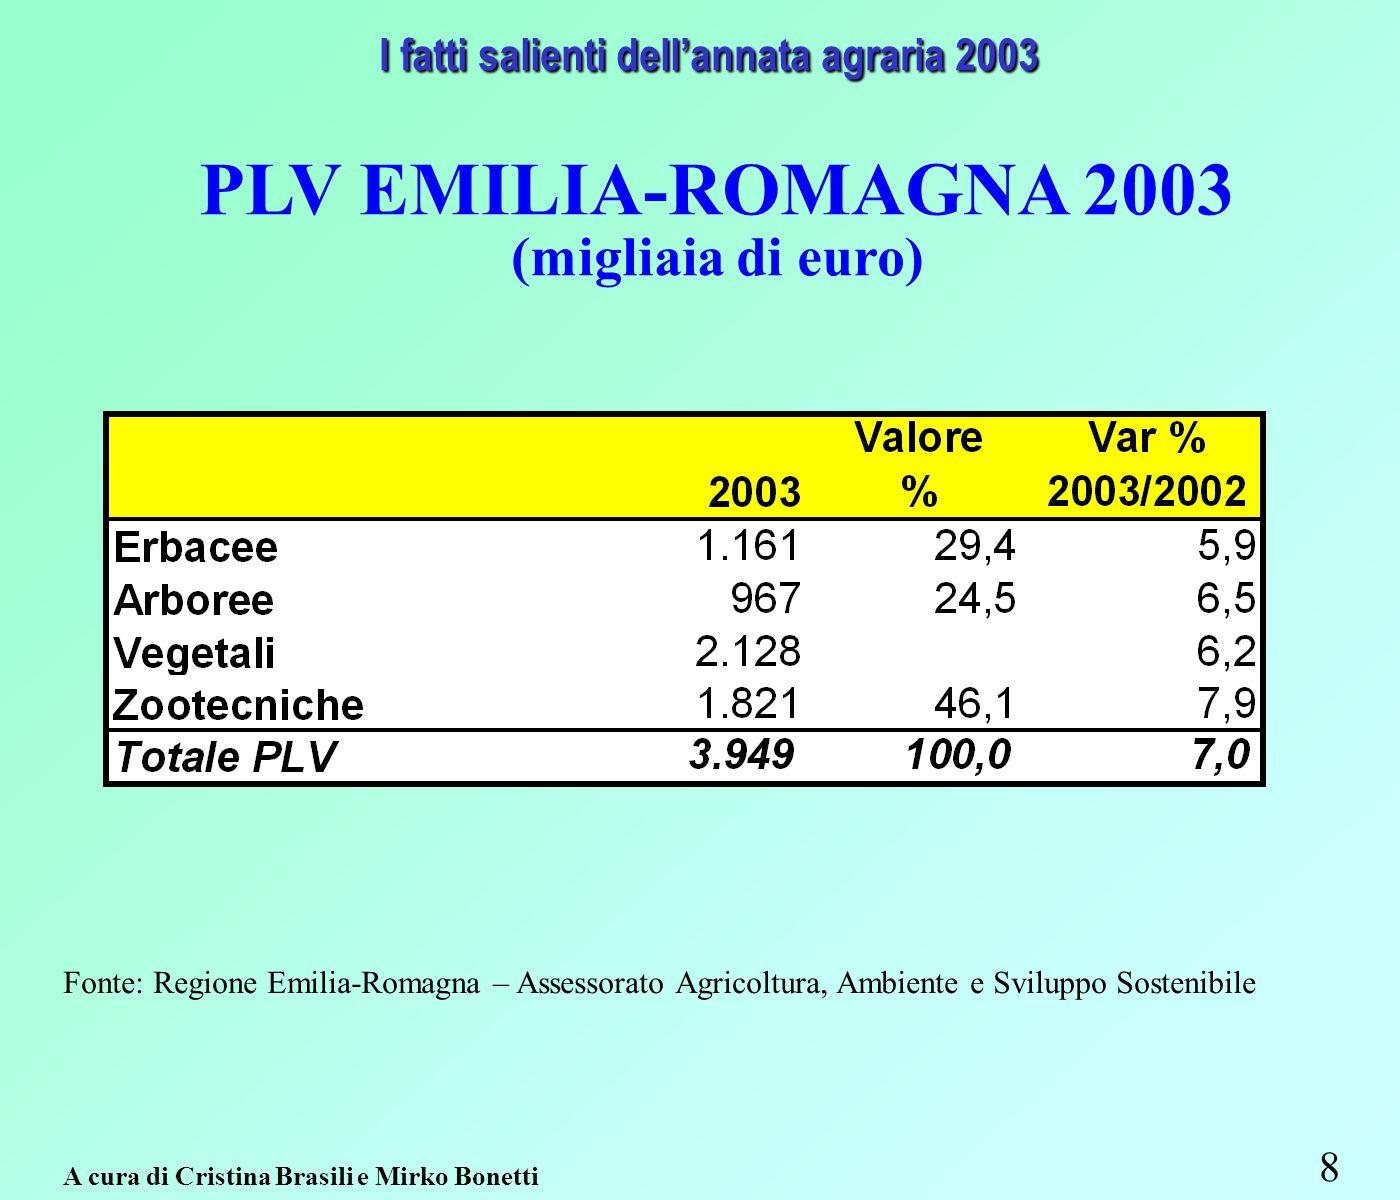 9 A cura di Cristina Brasili e Mirko Bonetti PLV 2003 - (migliaia di euro) Ripartizione percentuale per comparti I fatti salienti dellannata agraria 2003 I fatti salienti dellannata agraria 2003